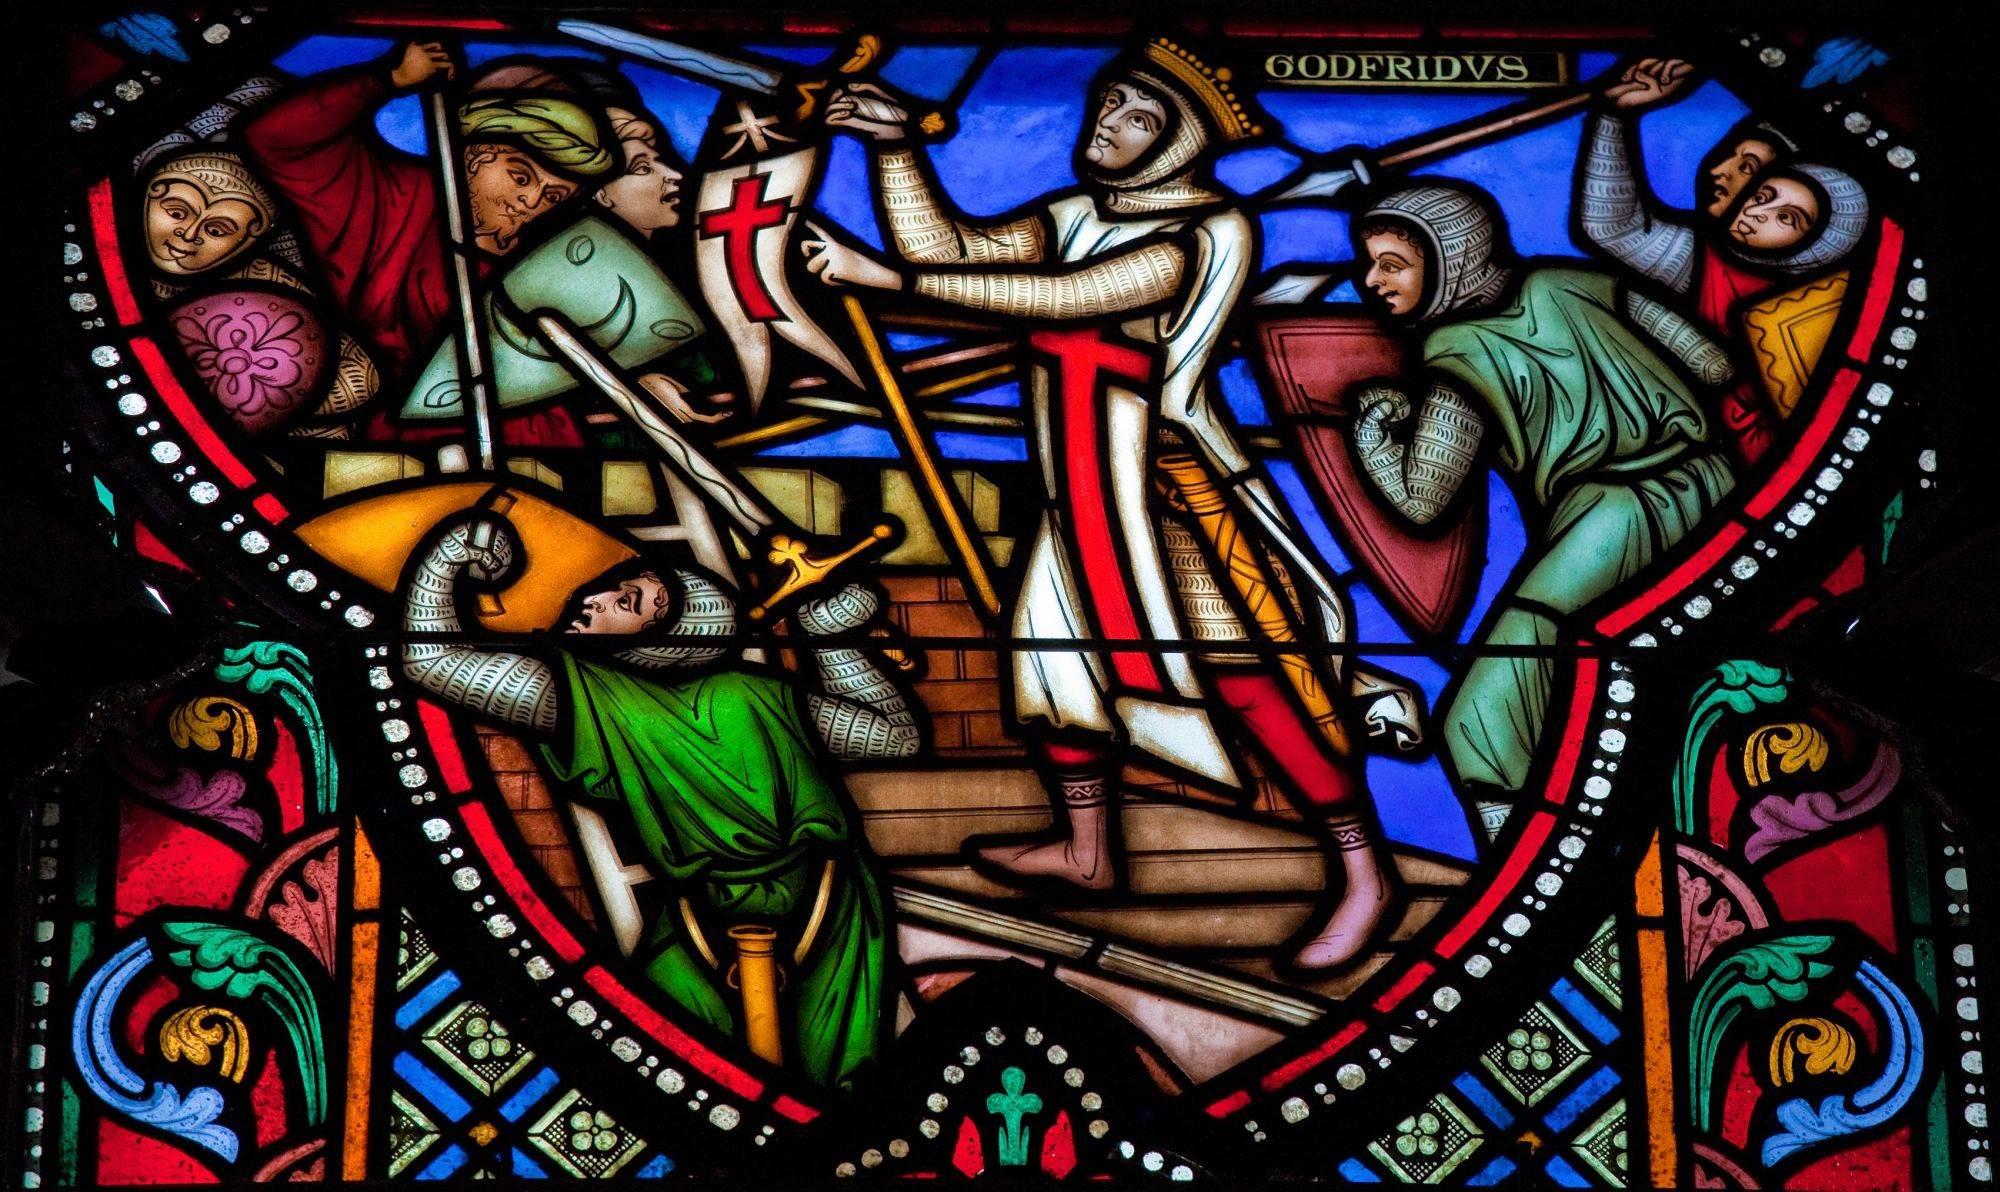 Vitraž koji prikazuje prvog krstaškog kralja Godfija Bujonskog tokom opsade Jerusalima